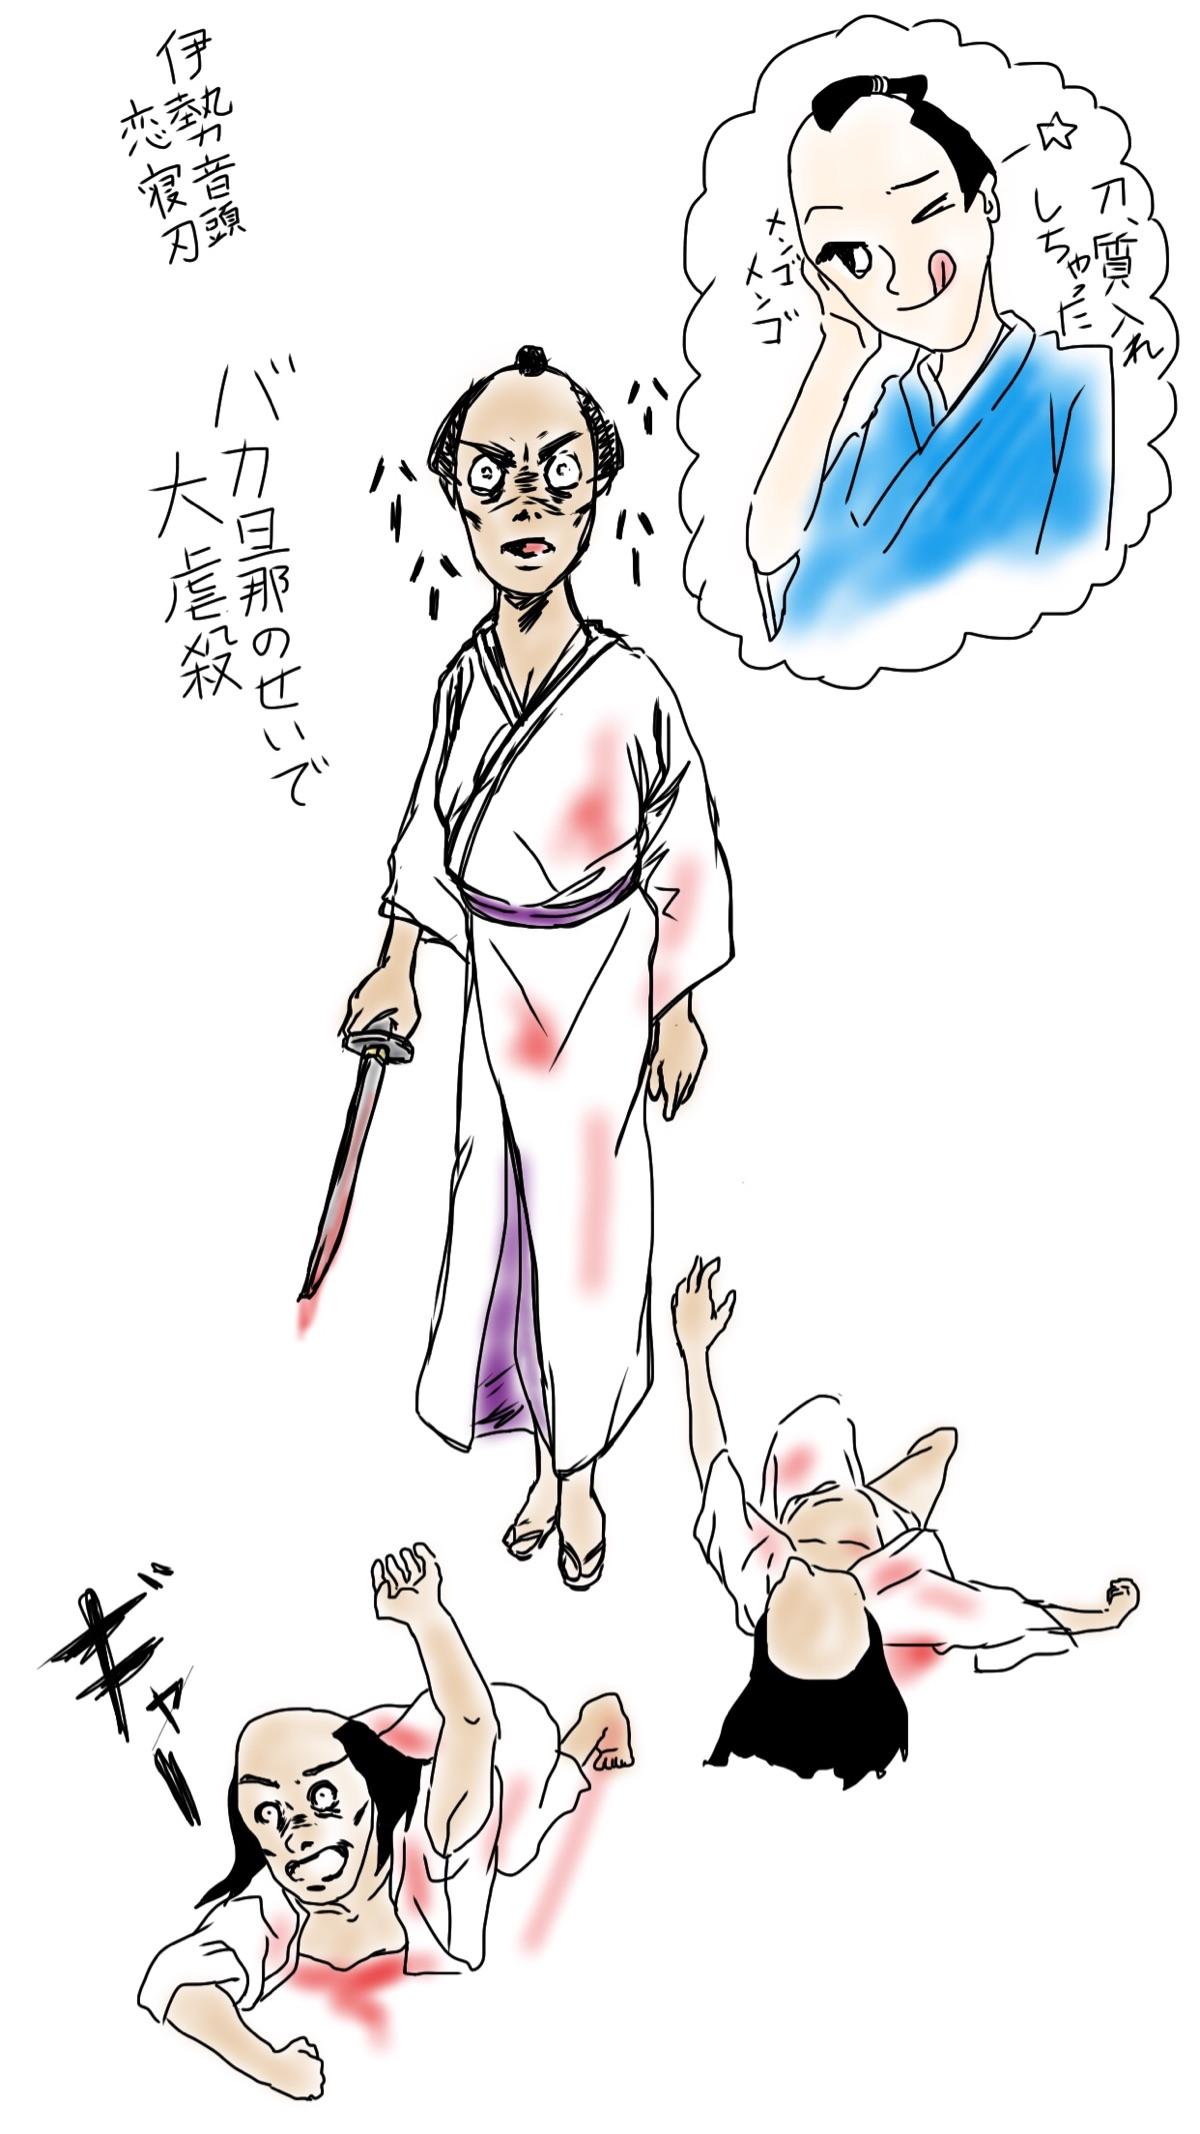 伊勢音頭恋刃(いせおんどこいのねたば)